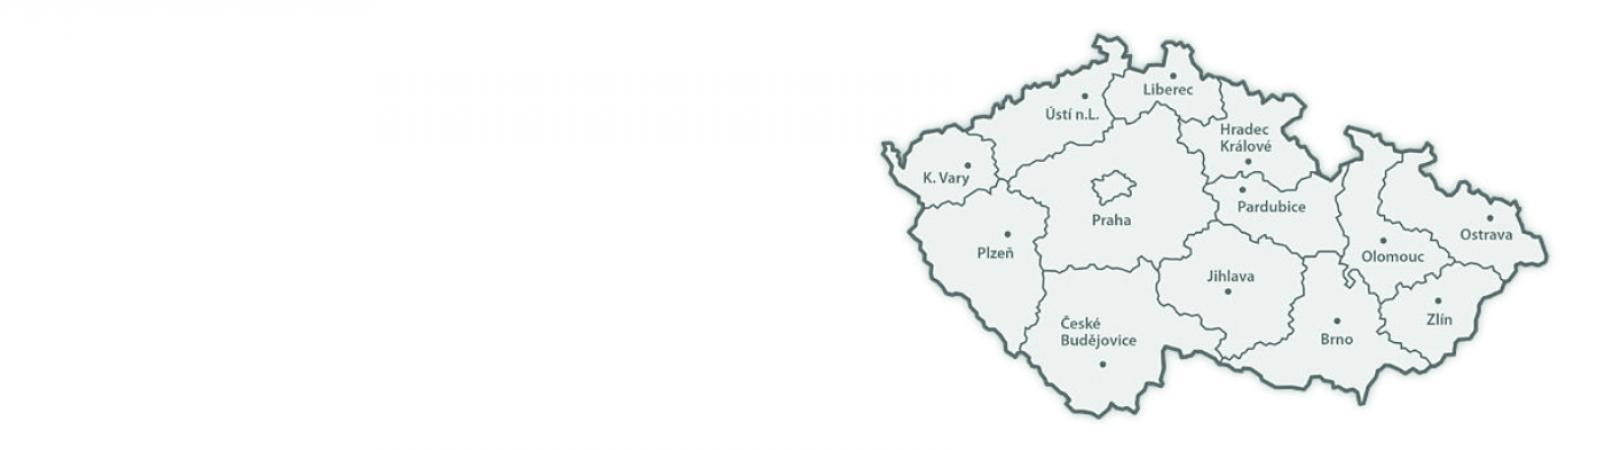 Mapa Center duševního zdraví a multidisciplinárních týmů Nových služeb